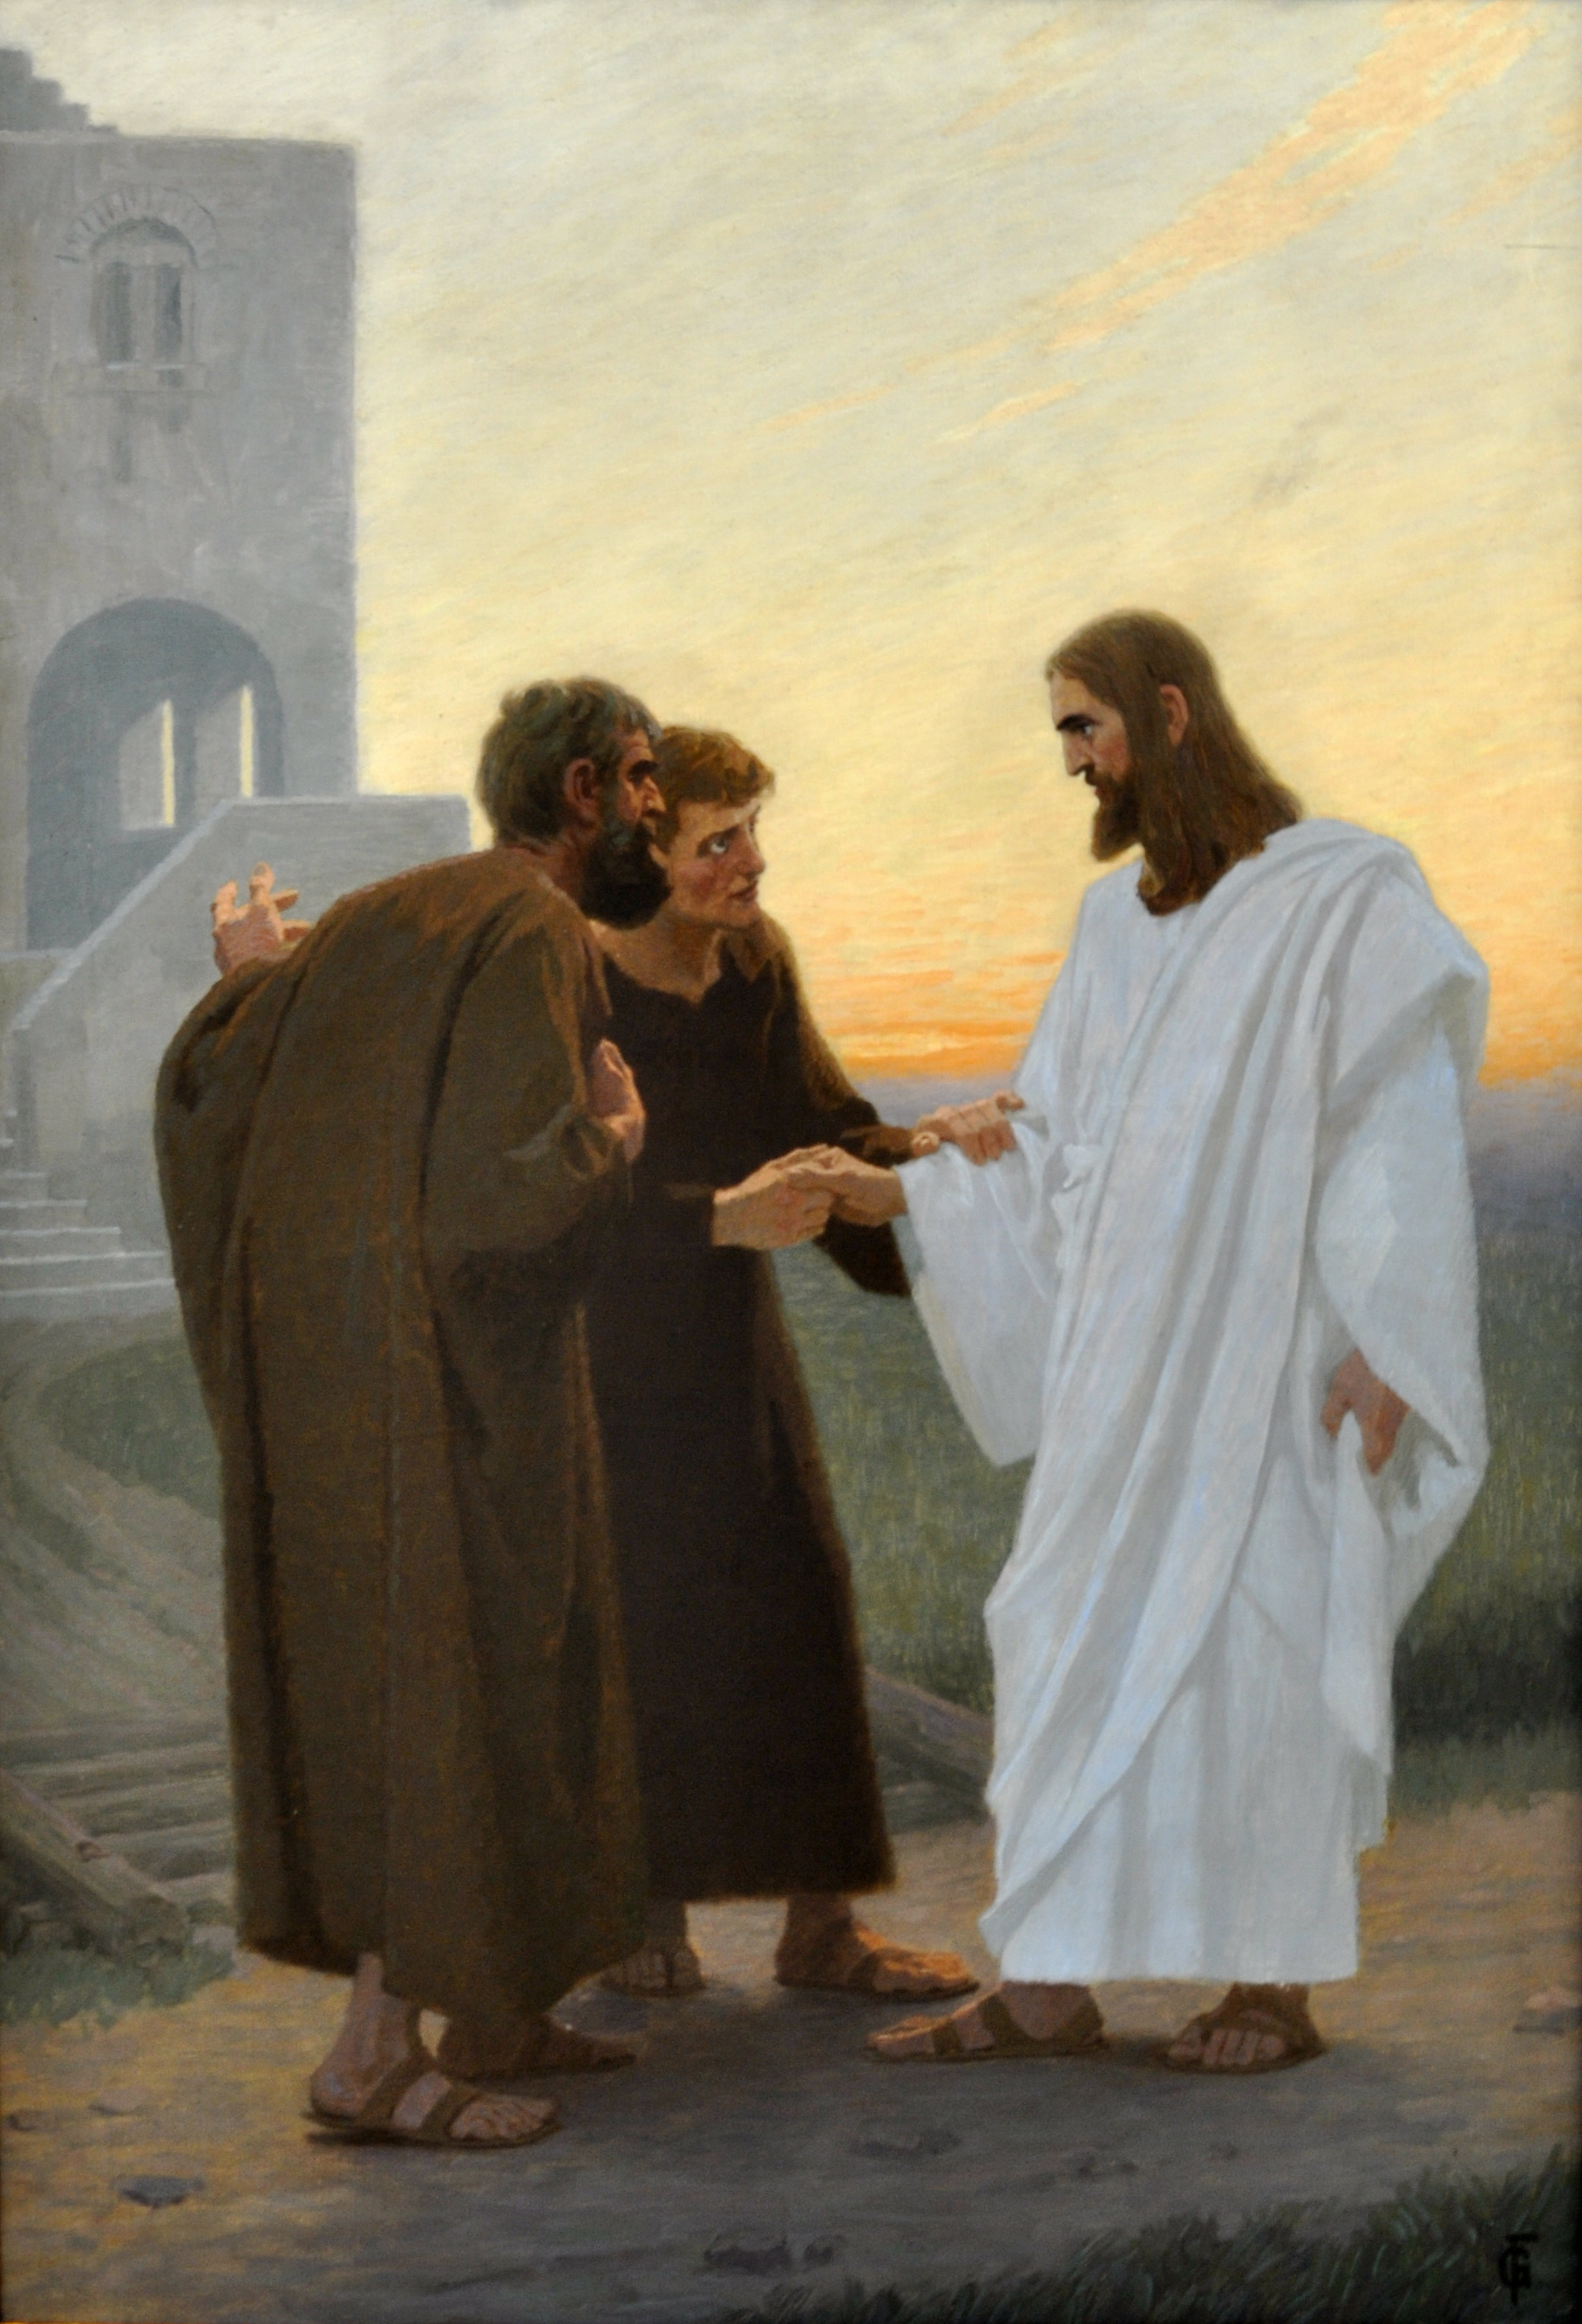 File:Gebhard Fugel Jesus und der Gang nach Emmaus.jpg - Wikimedia ...